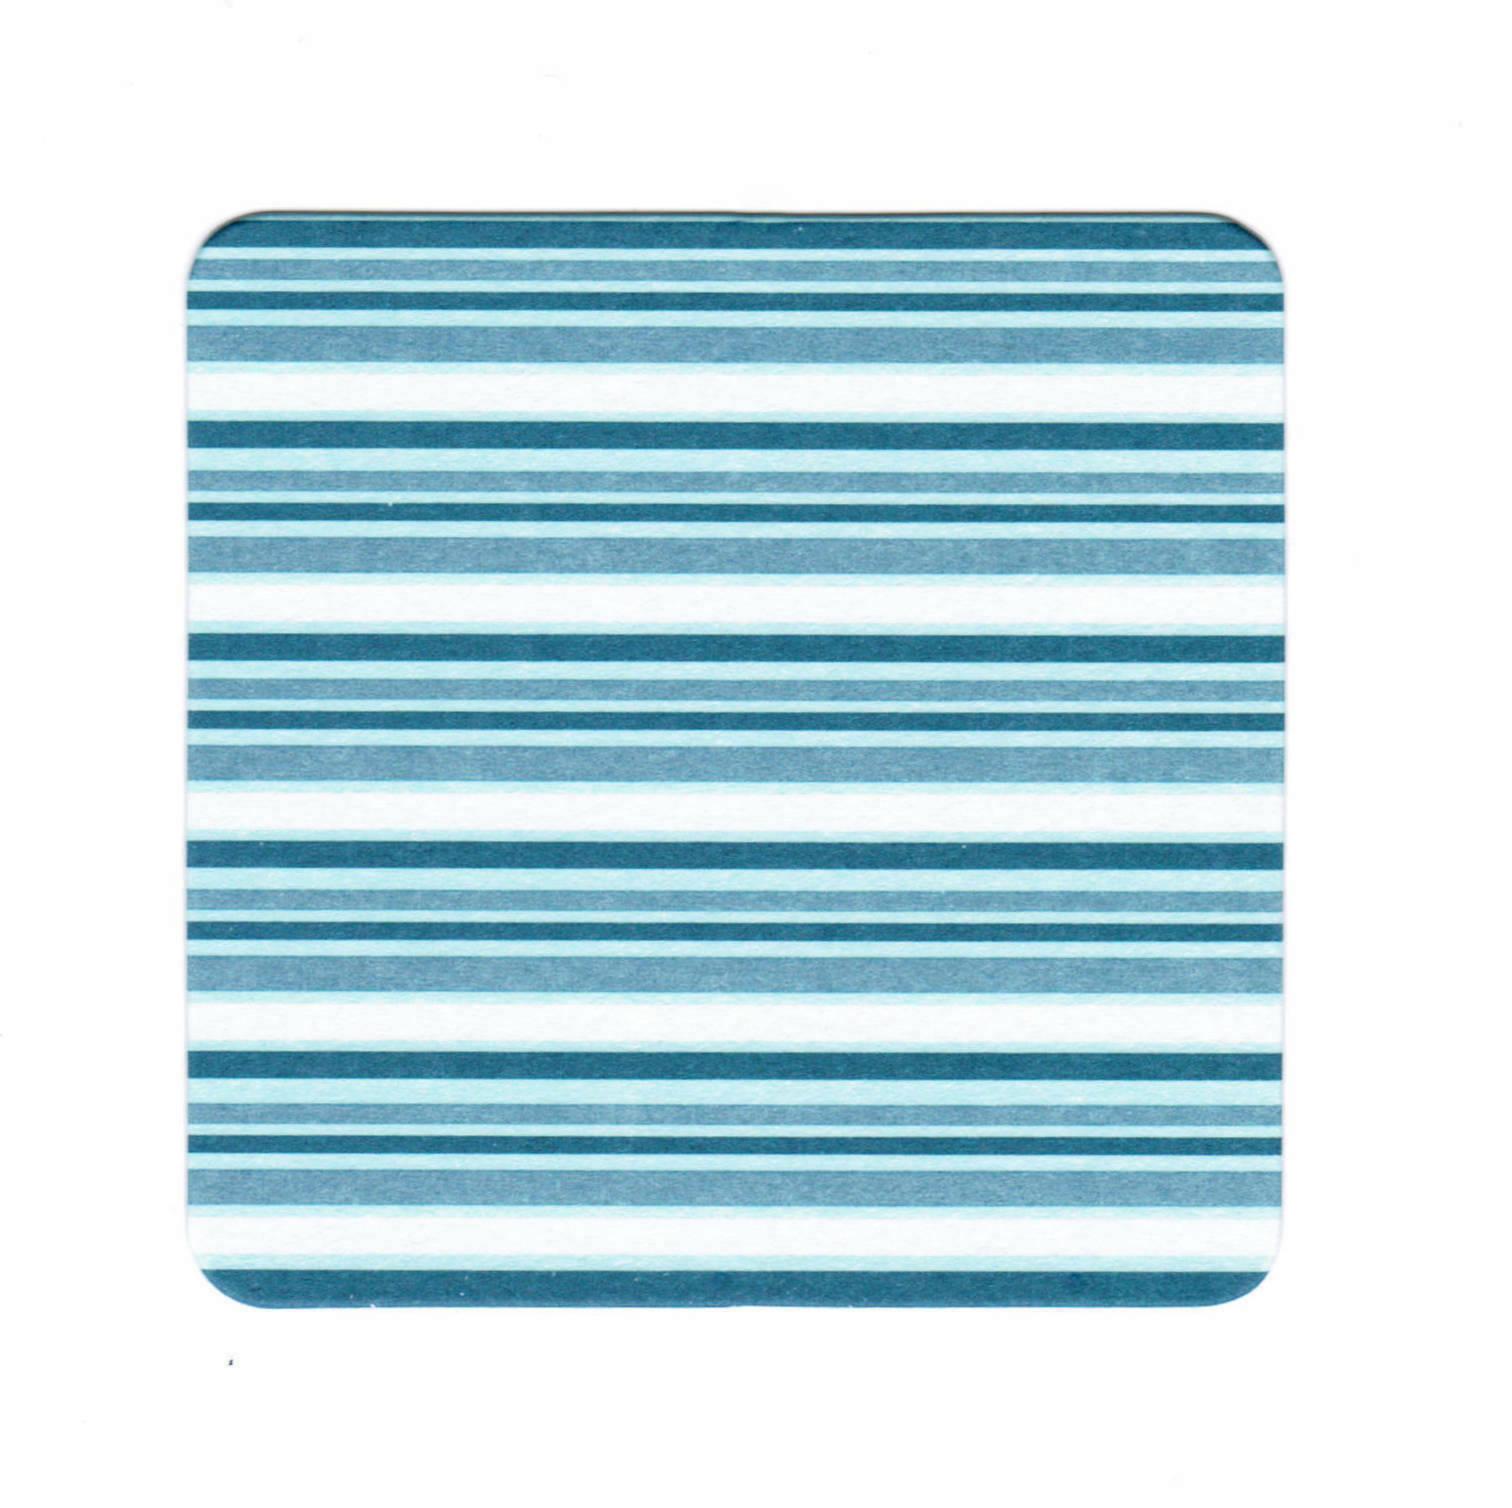 60 - 120 Stück Untersetzer für Gläser Tassen 9x9 cm Bierdeckel Pappe Grün/ Blau - 60 x Blau